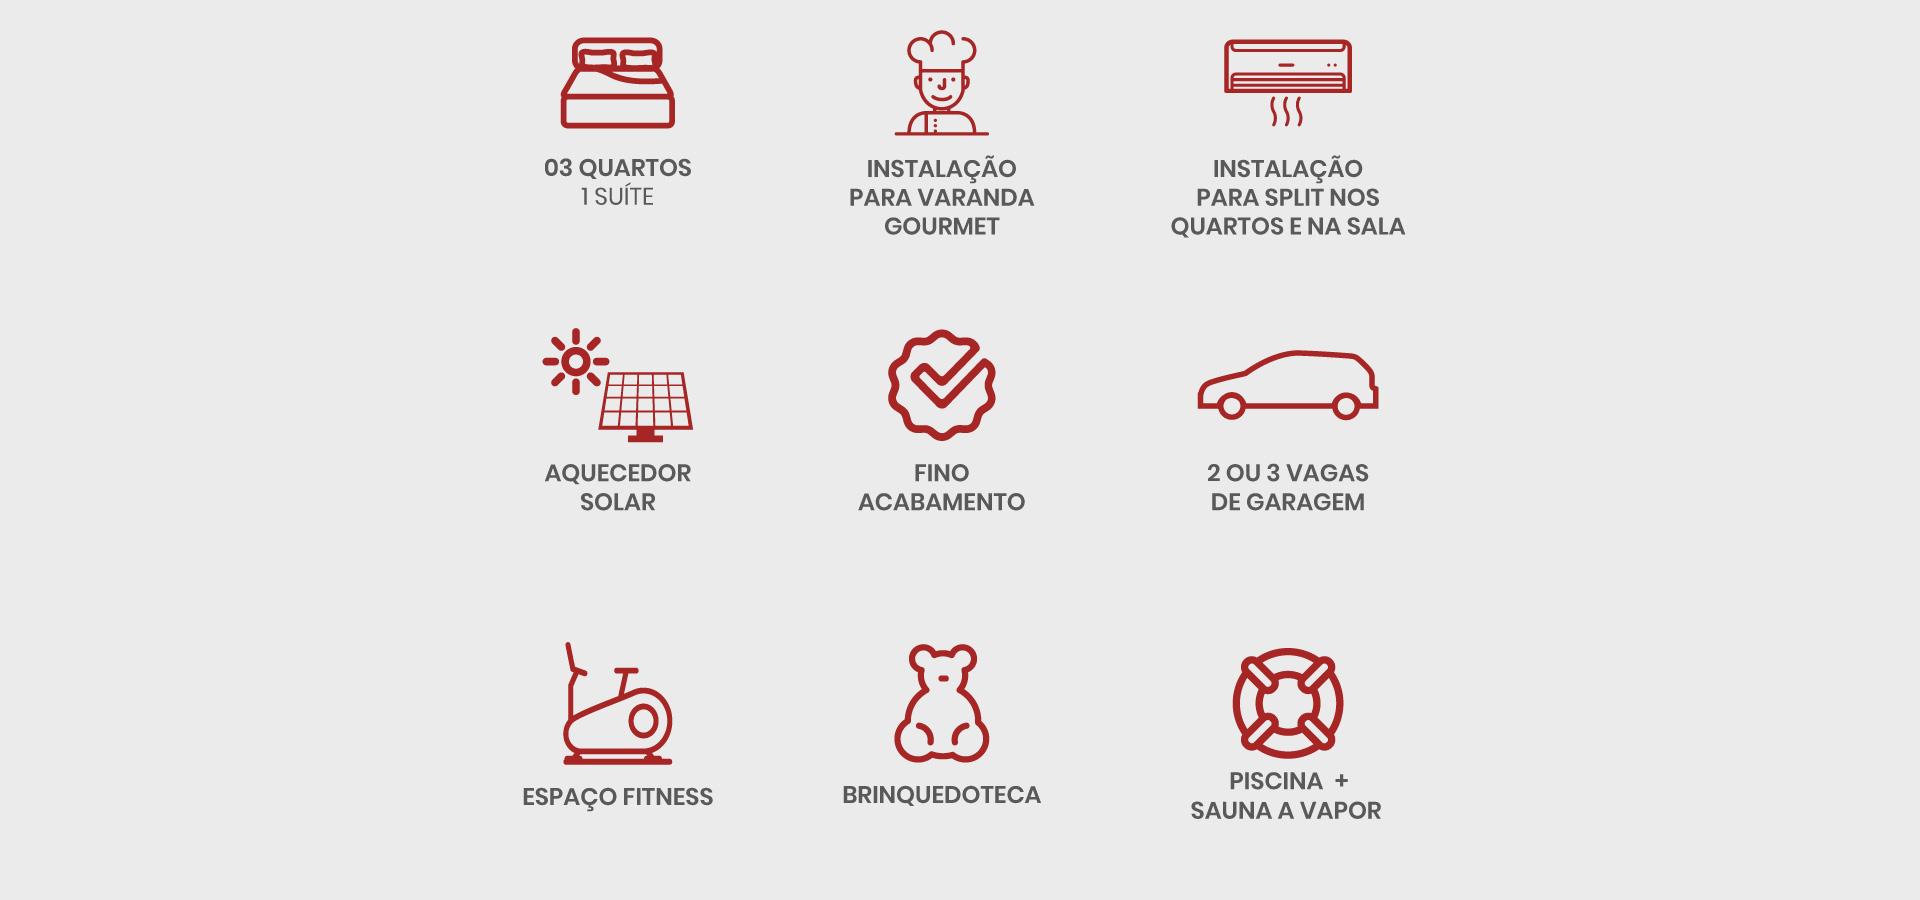 caracteristicas-murano-desktop